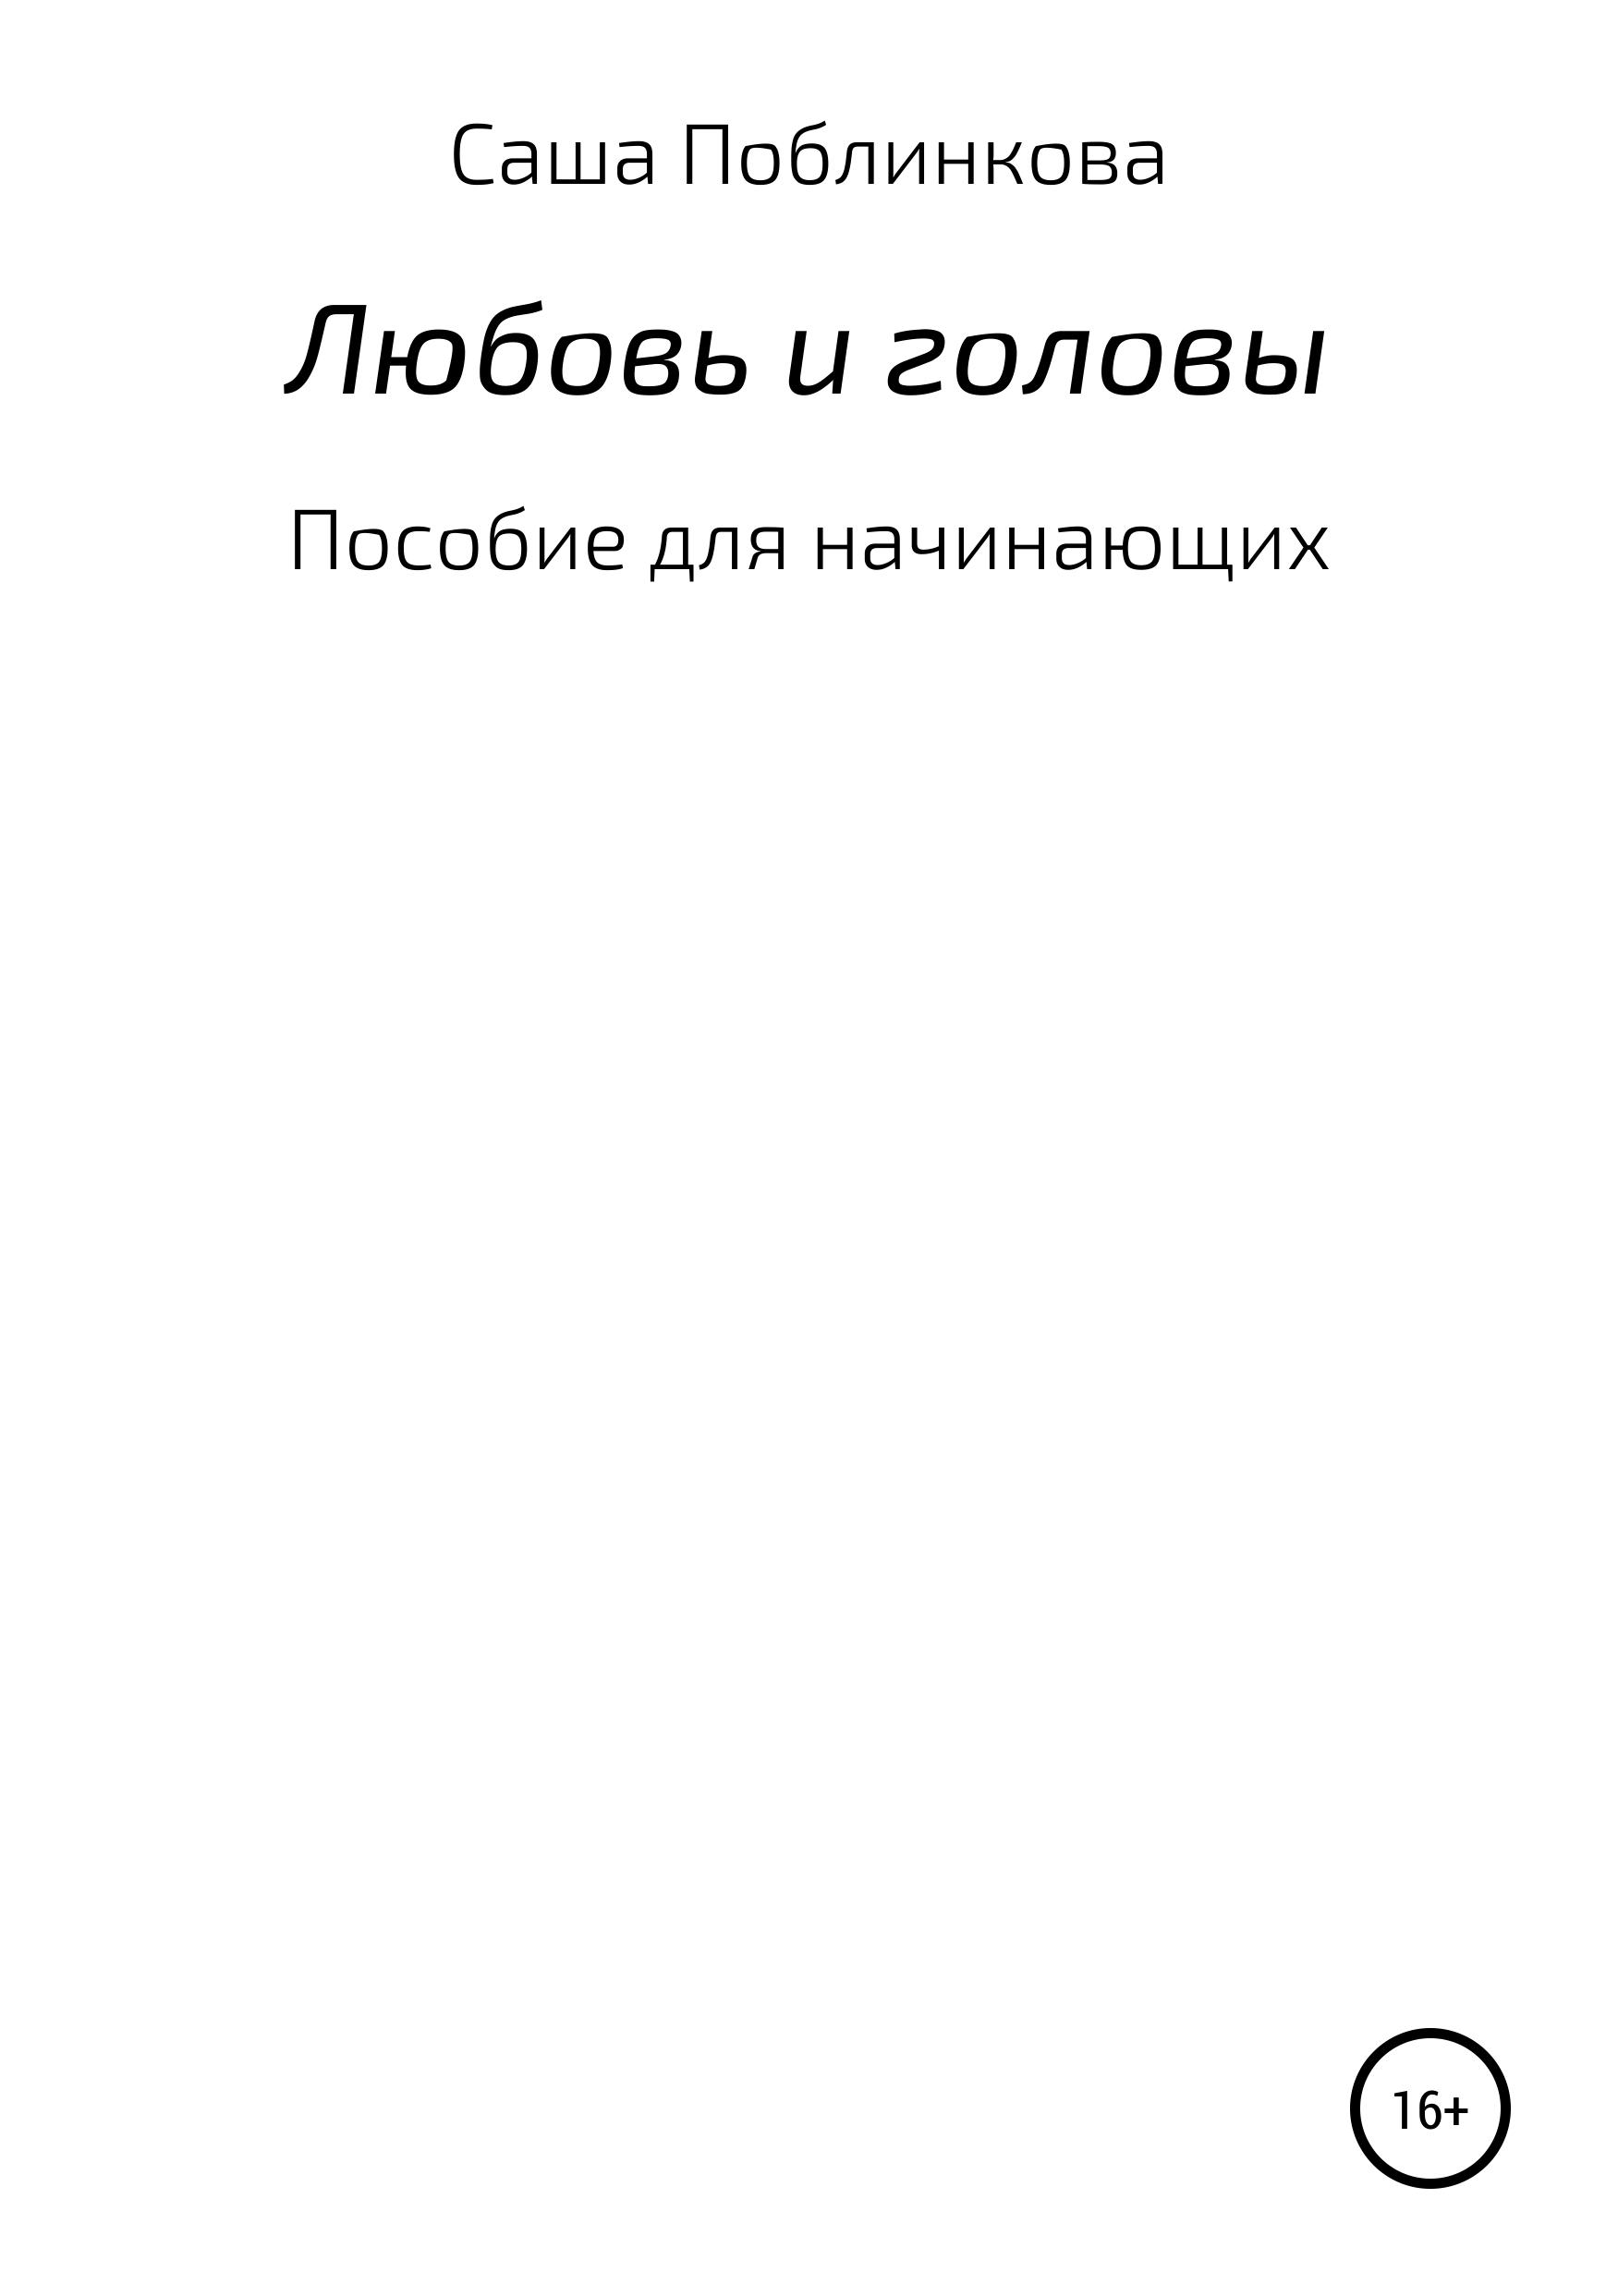 Александра Поблинкова Любовь и головы. Пособие для начинающих ульмер б краткий курс по вязанию спицами для начинающих